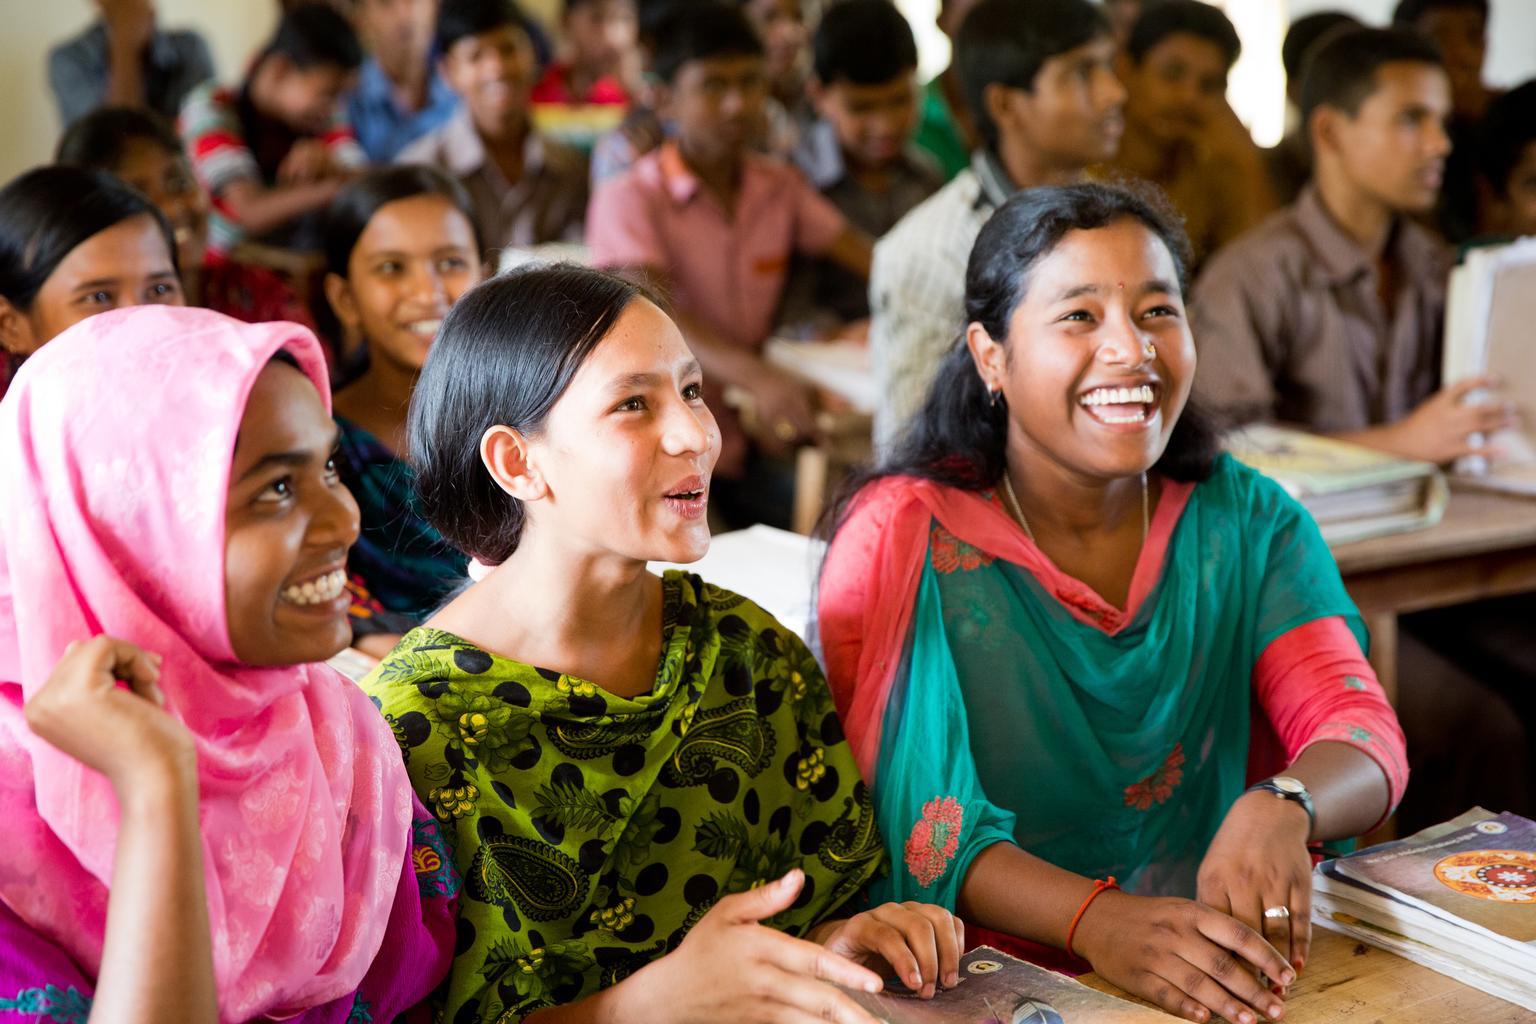 Spending Better for Gender Equality in Education